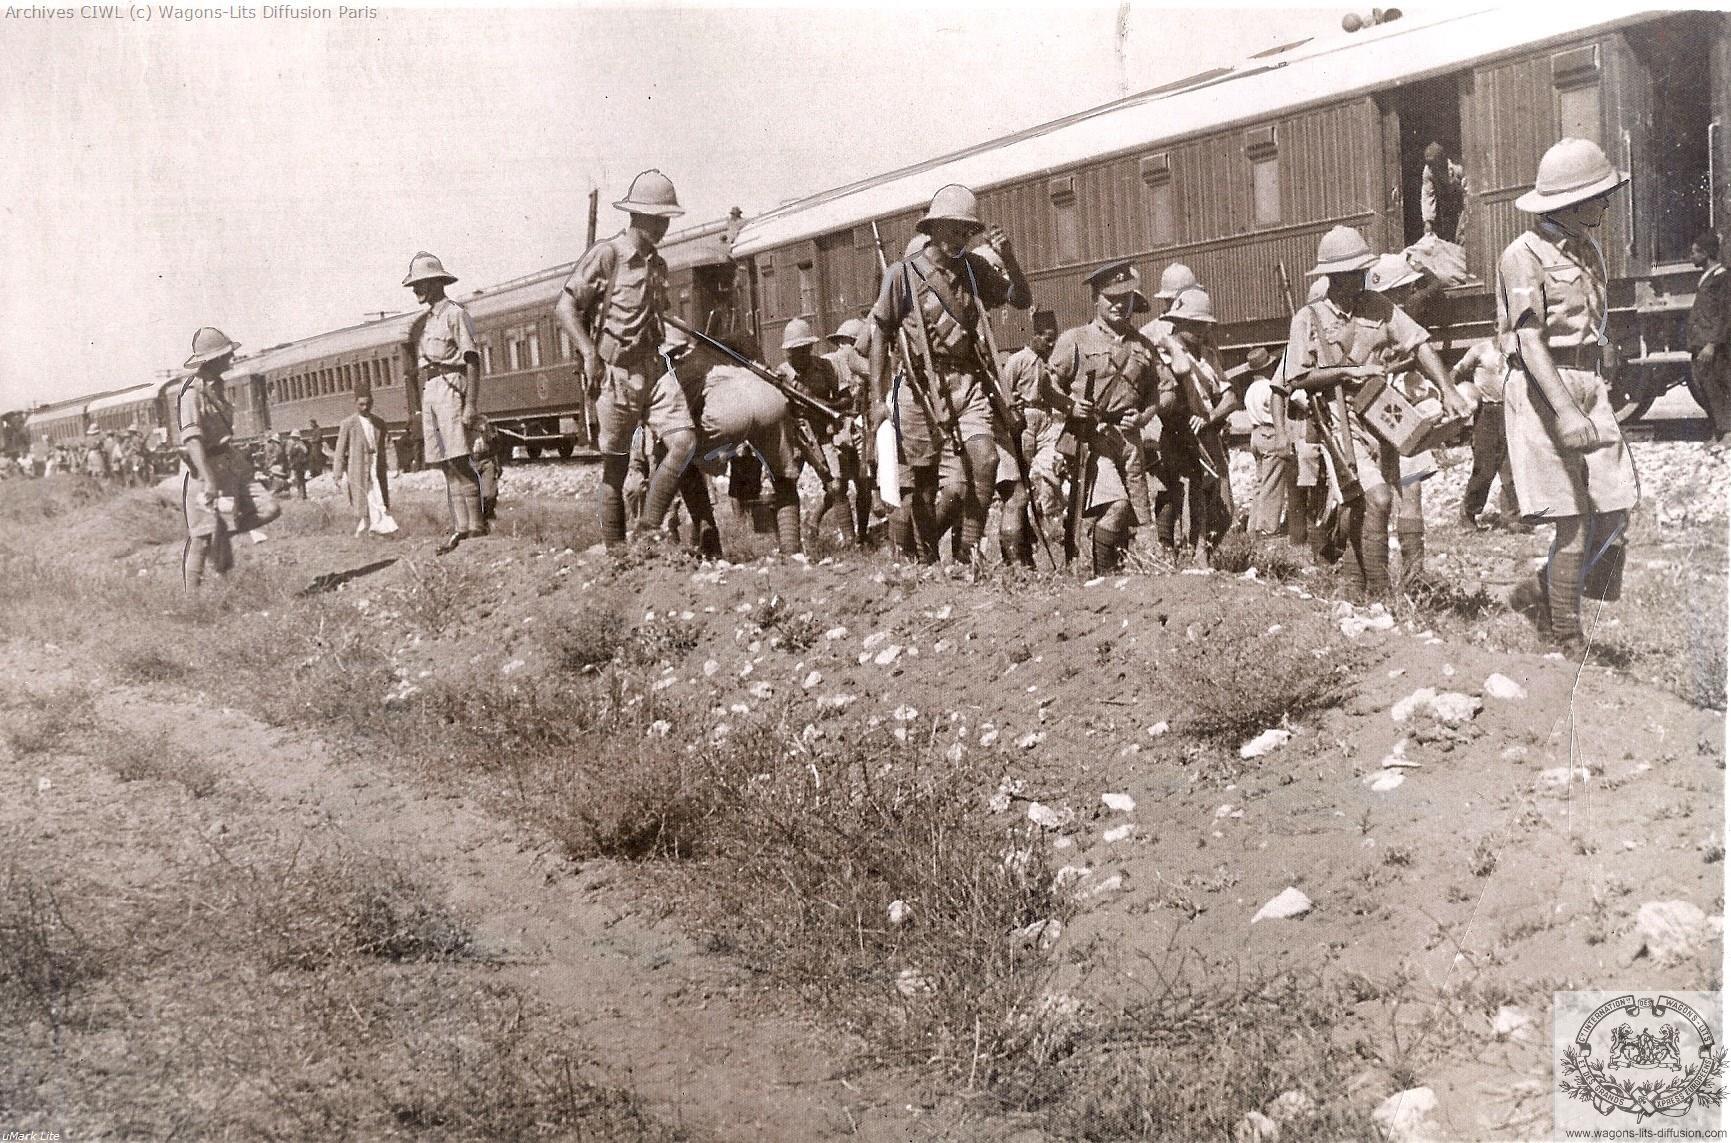 Wl palestine railways lydda junction in 1936 riots in palestine